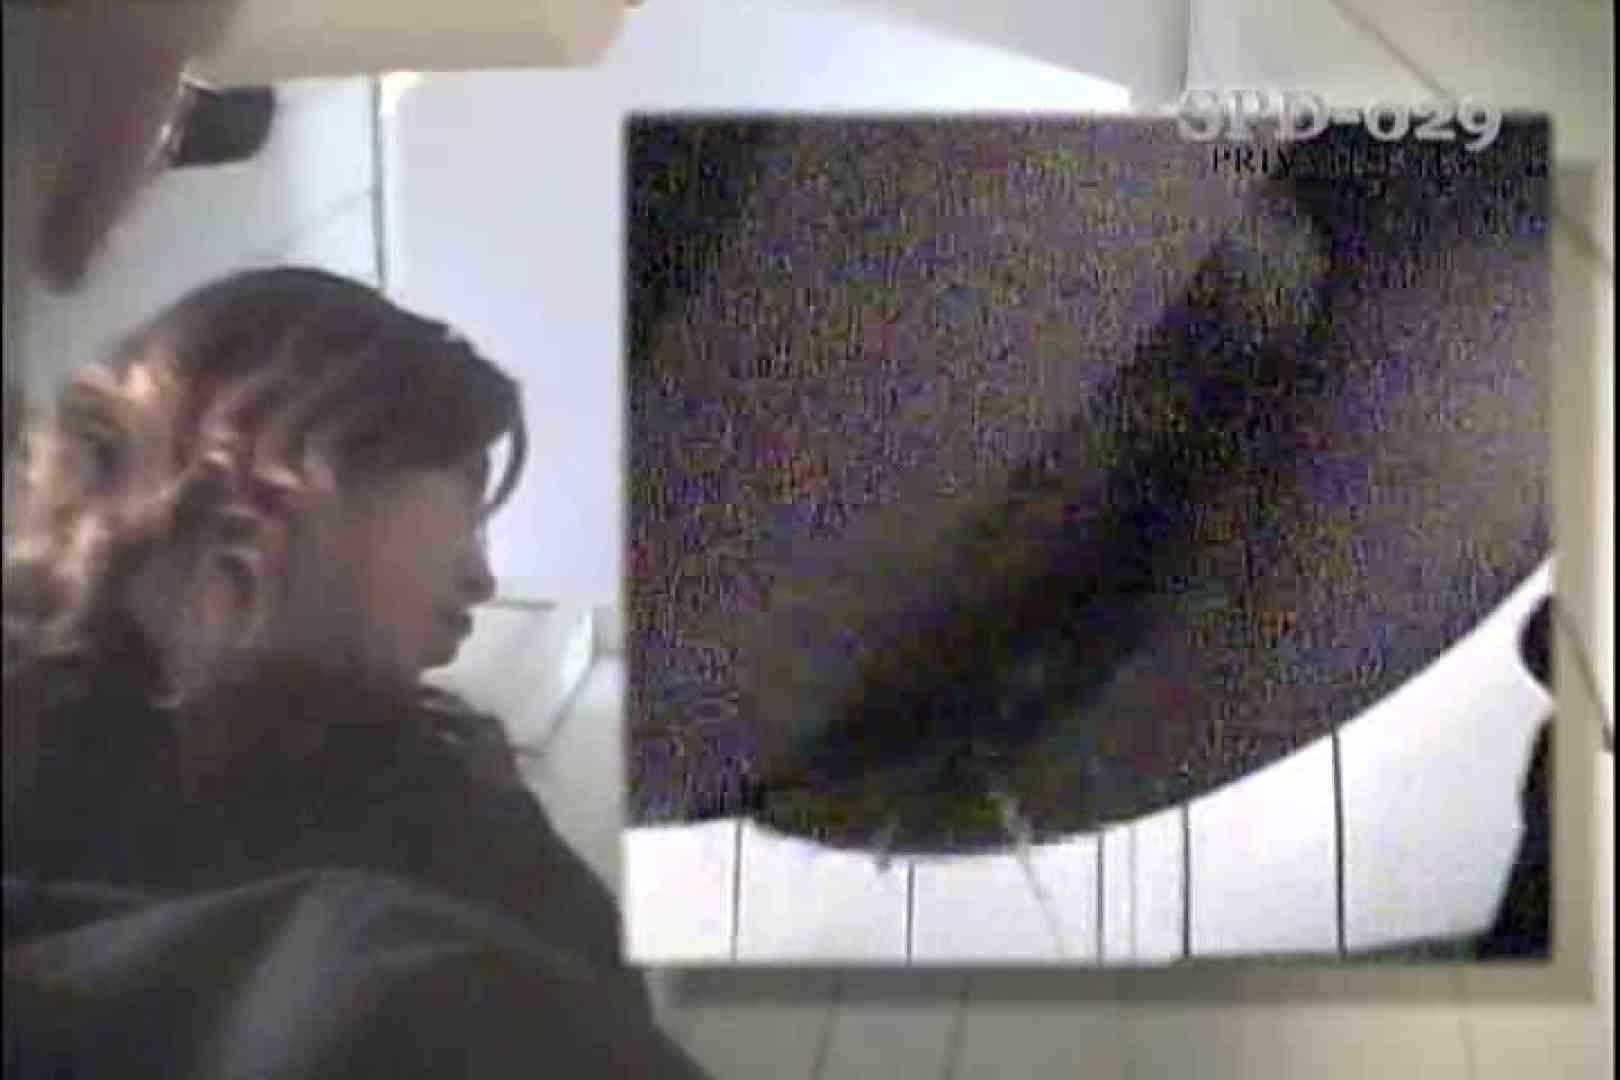 高画質版!SPD-029 和式厠 モリモリスペシャル 高画質 盗撮AV動画キャプチャ 65連発 12